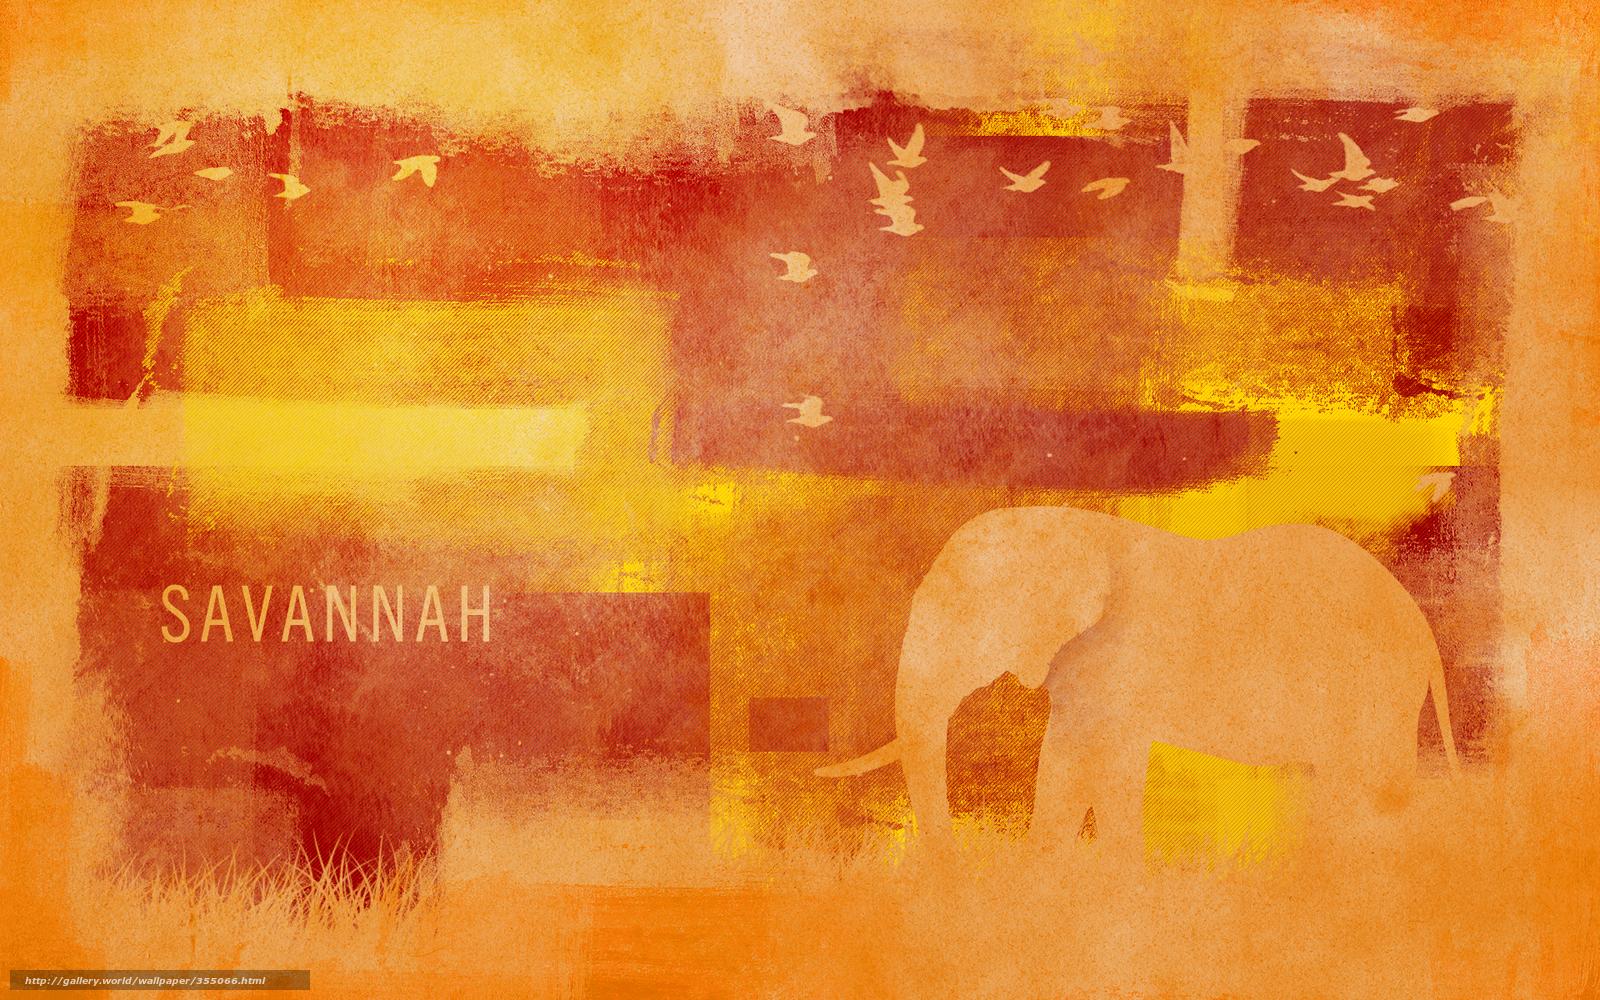 Download Hintergrund Savanne, Stil, Farben, Muster Freie desktop ...